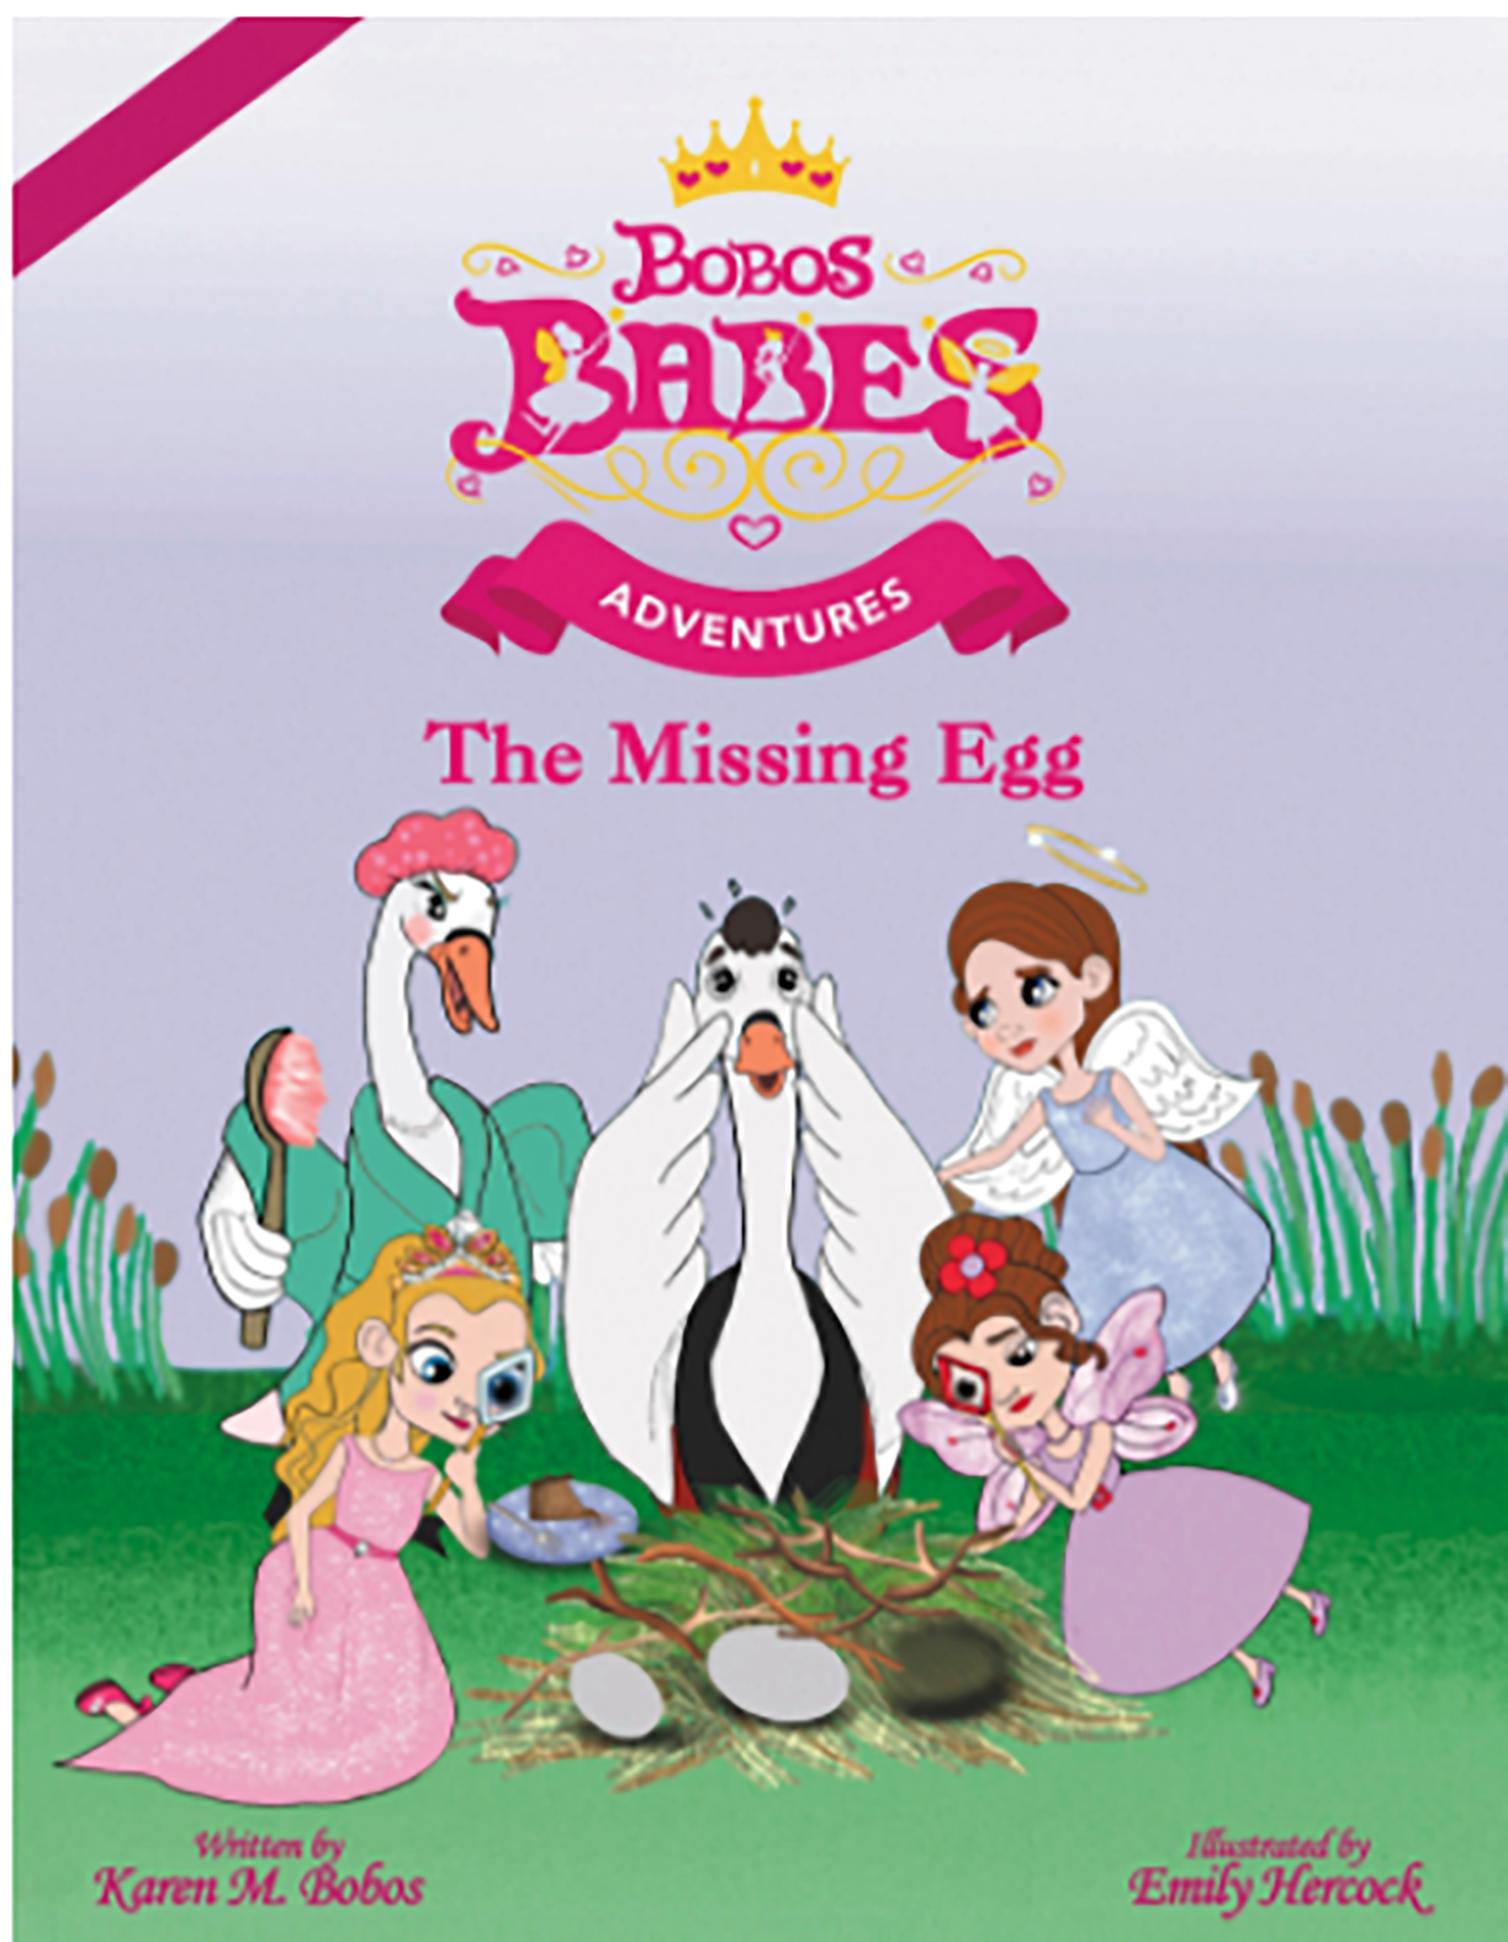 The Missing Egg smaller